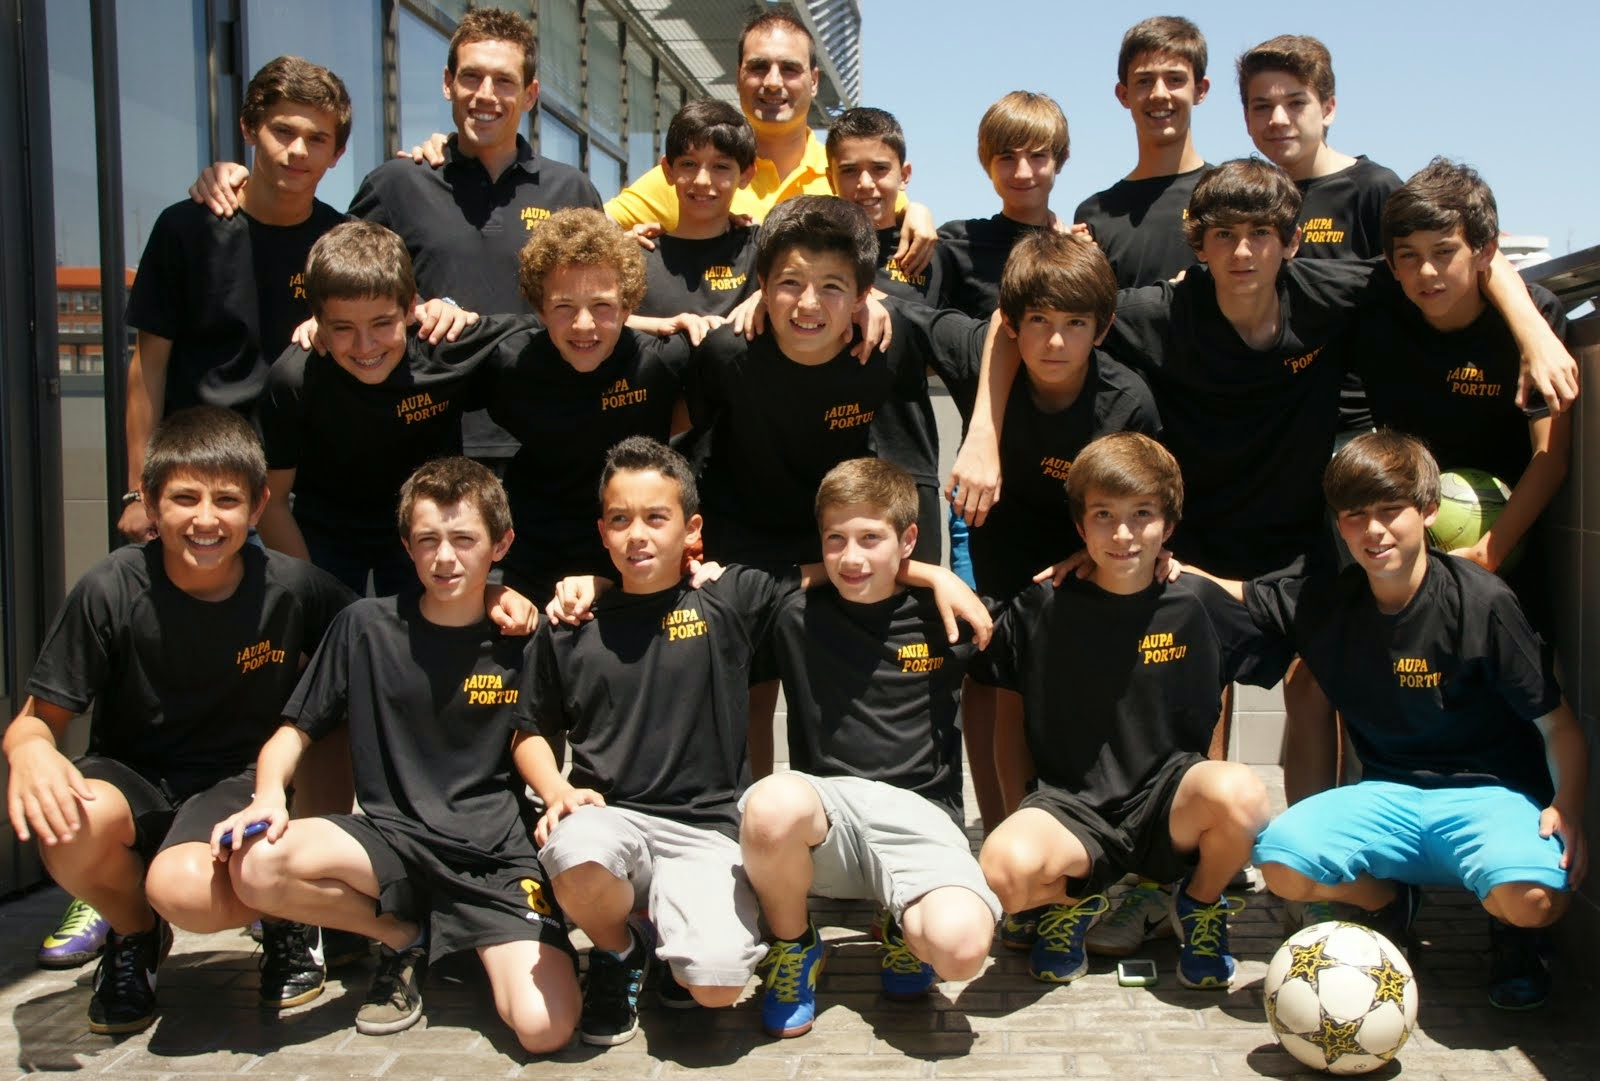 COMIDA FIN DE TEMPORADA 2013/2014